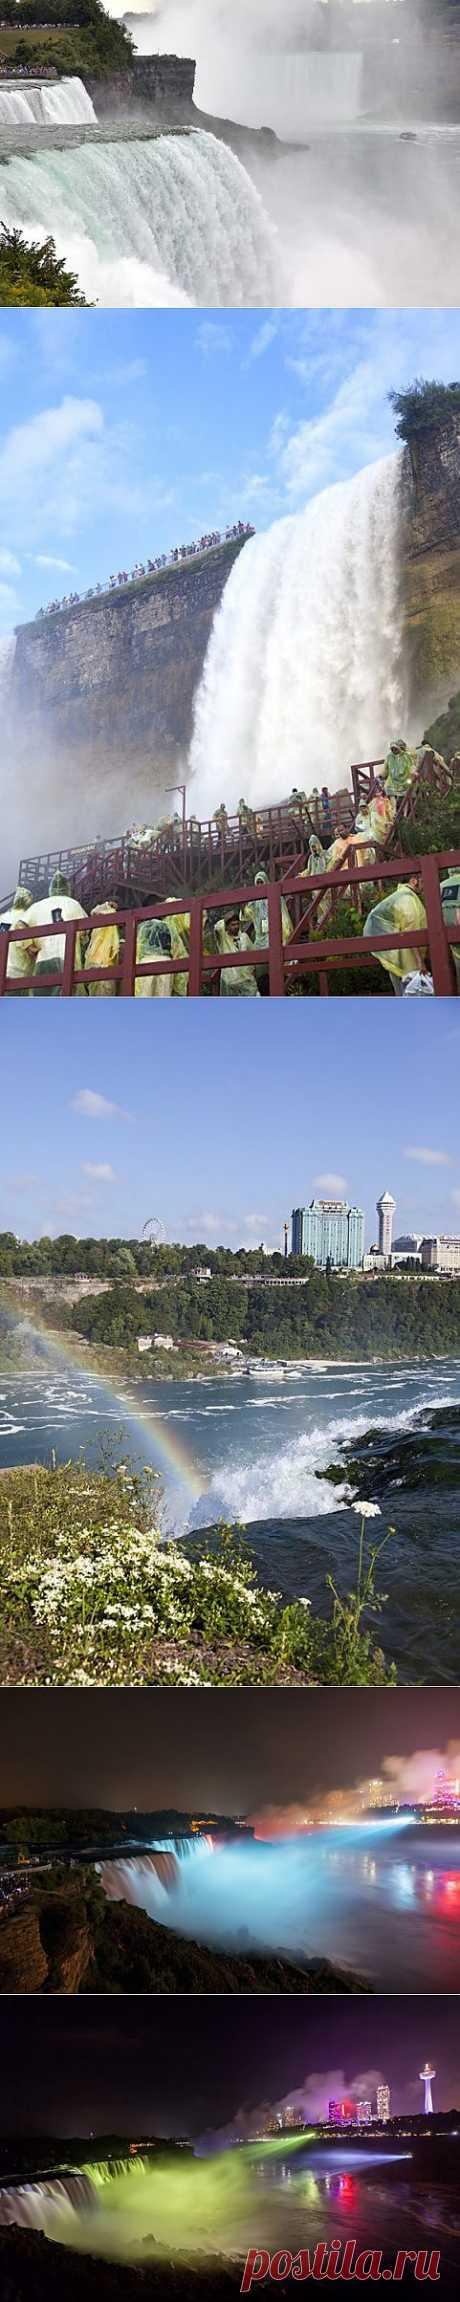 (+1) тема - Удивительные фотографии Ниагарского водопада | Улетные картинки